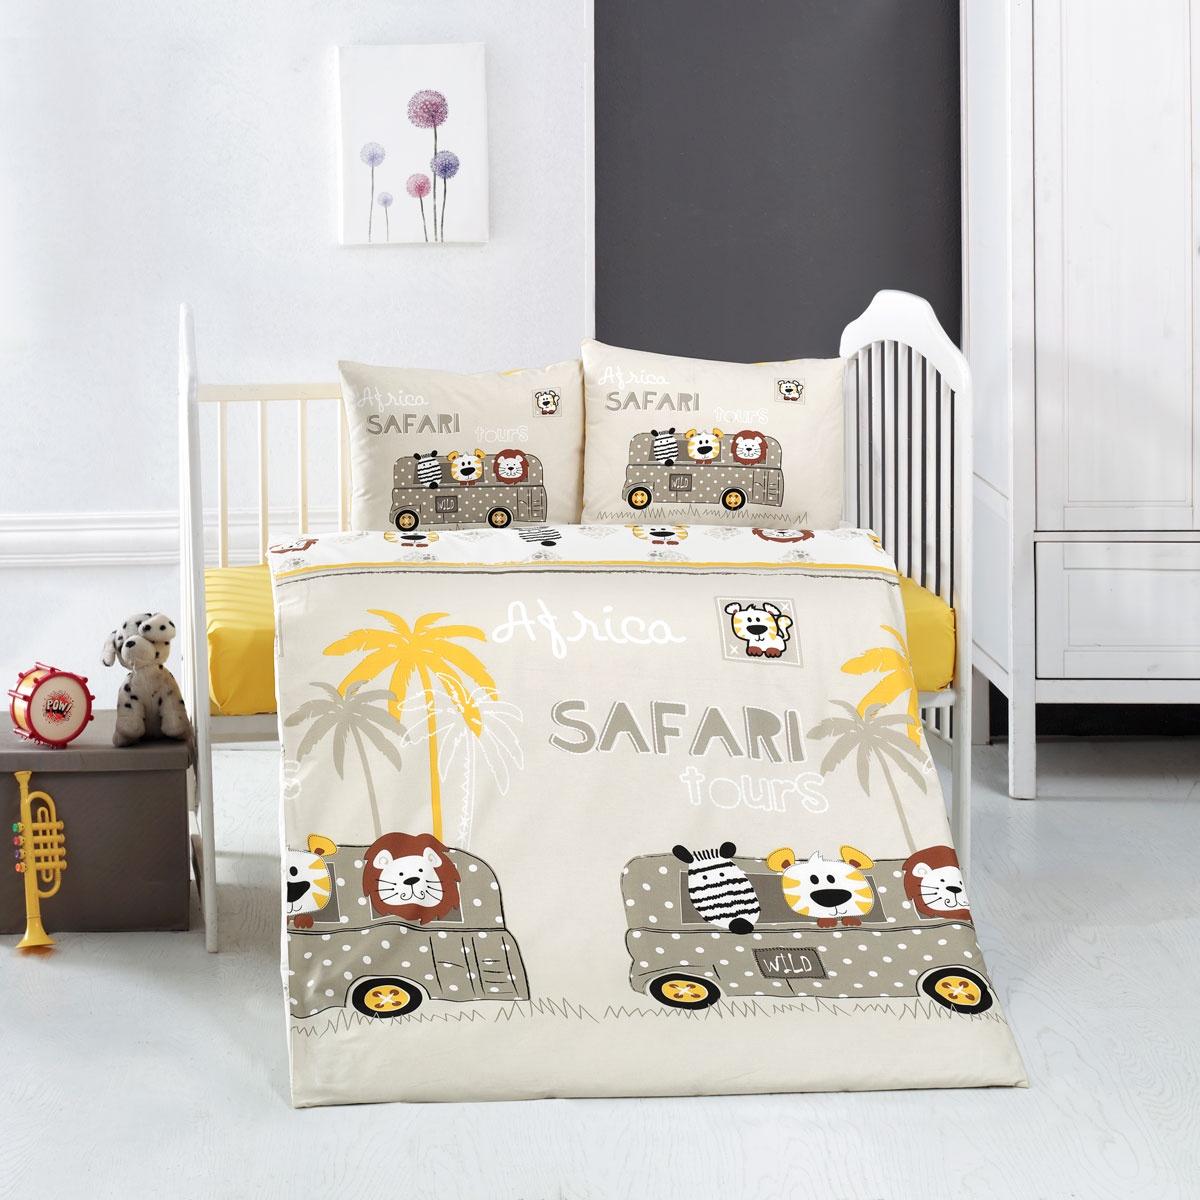 цена на Постельное Белье Arya Ранфорс Детское 100X150 Safari